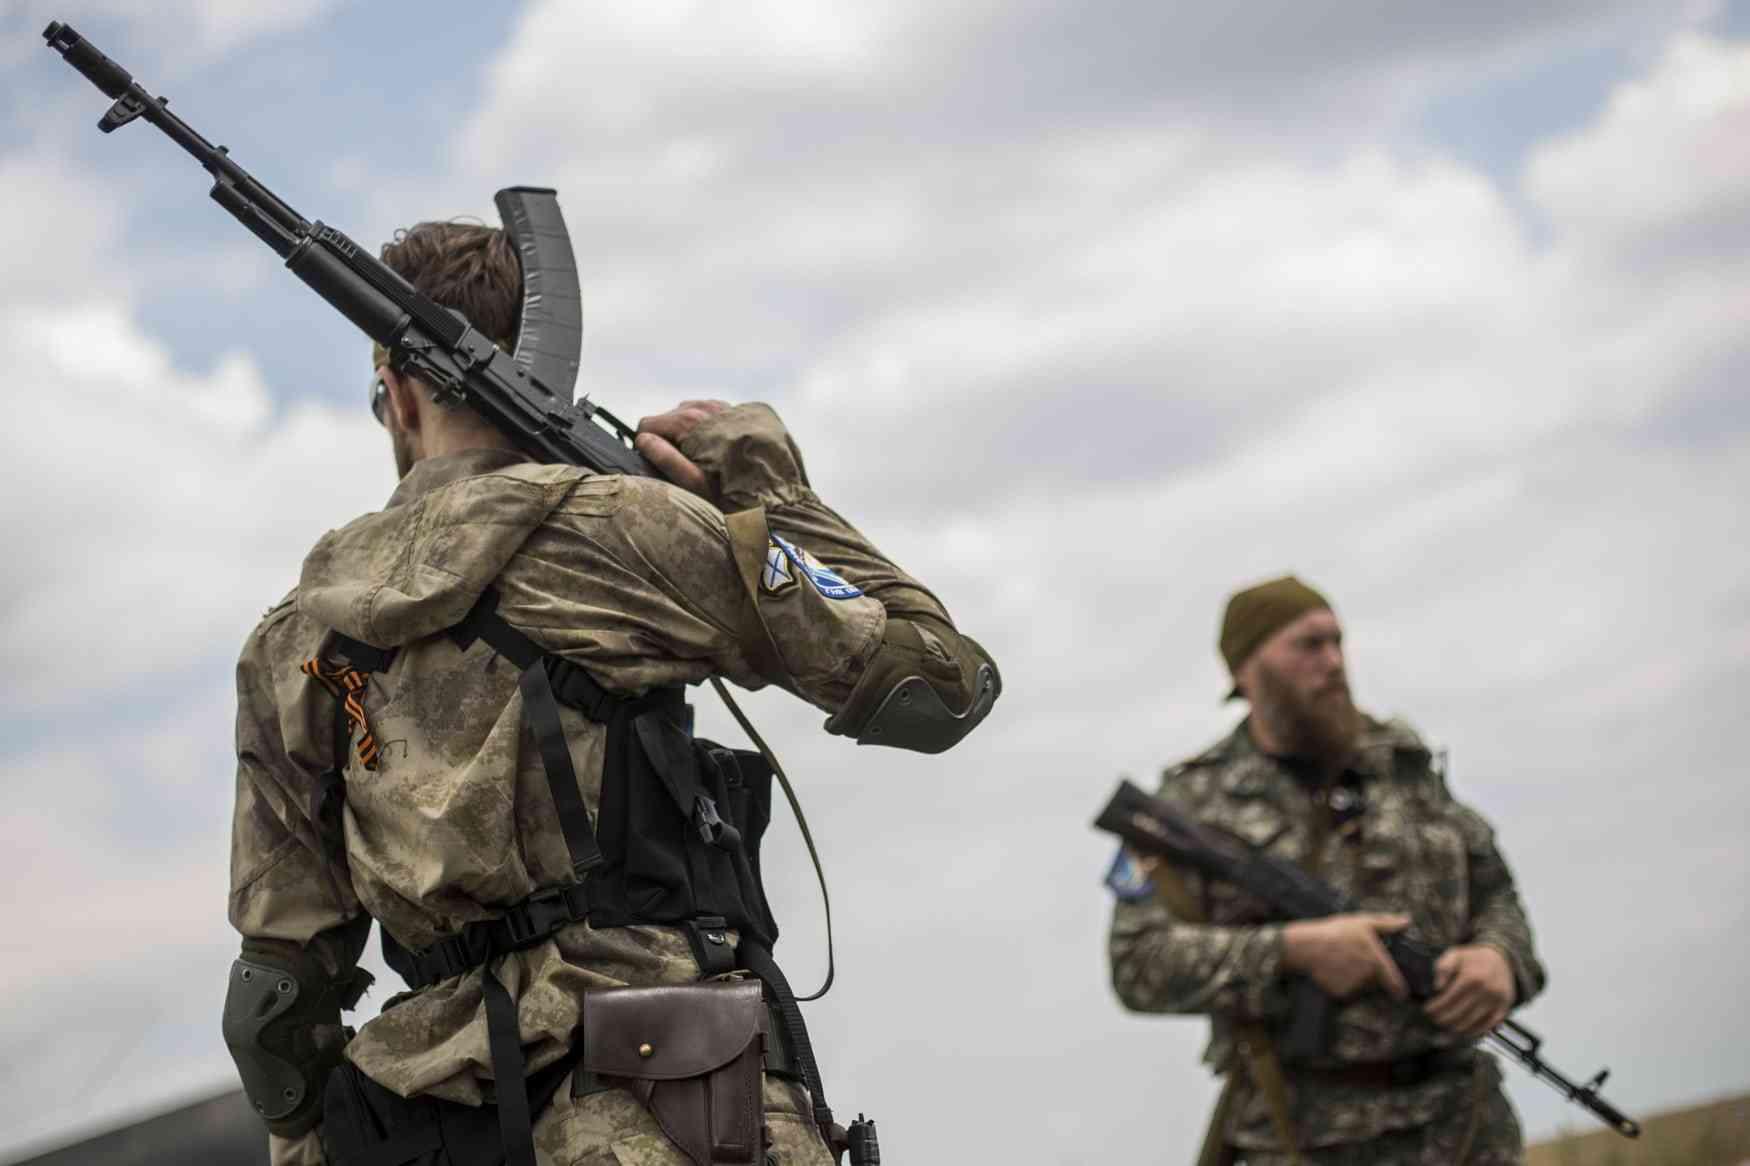 война на донбассе, марьинка, блокпосты, днр, донецк, фашик донецкий, россия, боевики, террористы, новости украины